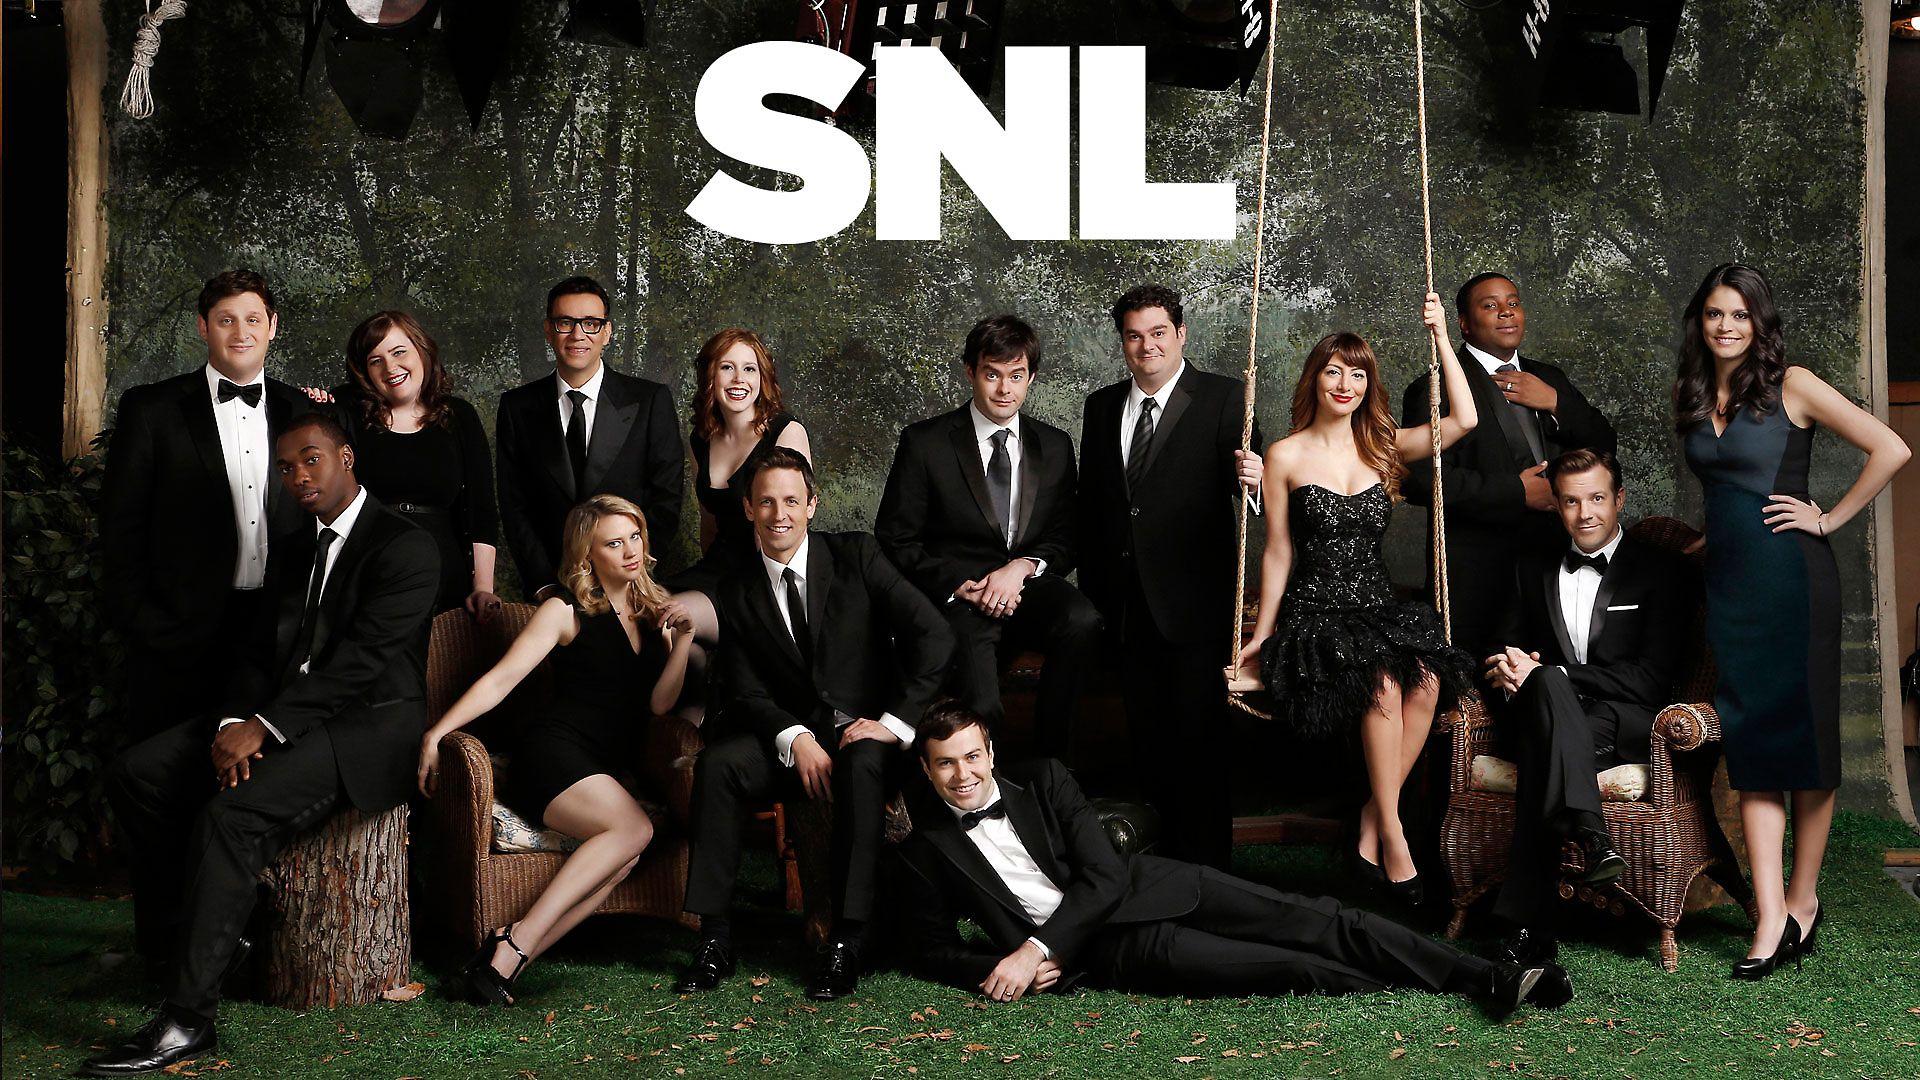 Saturday Night Live wallpaper 1920x1080 73699 1920x1080